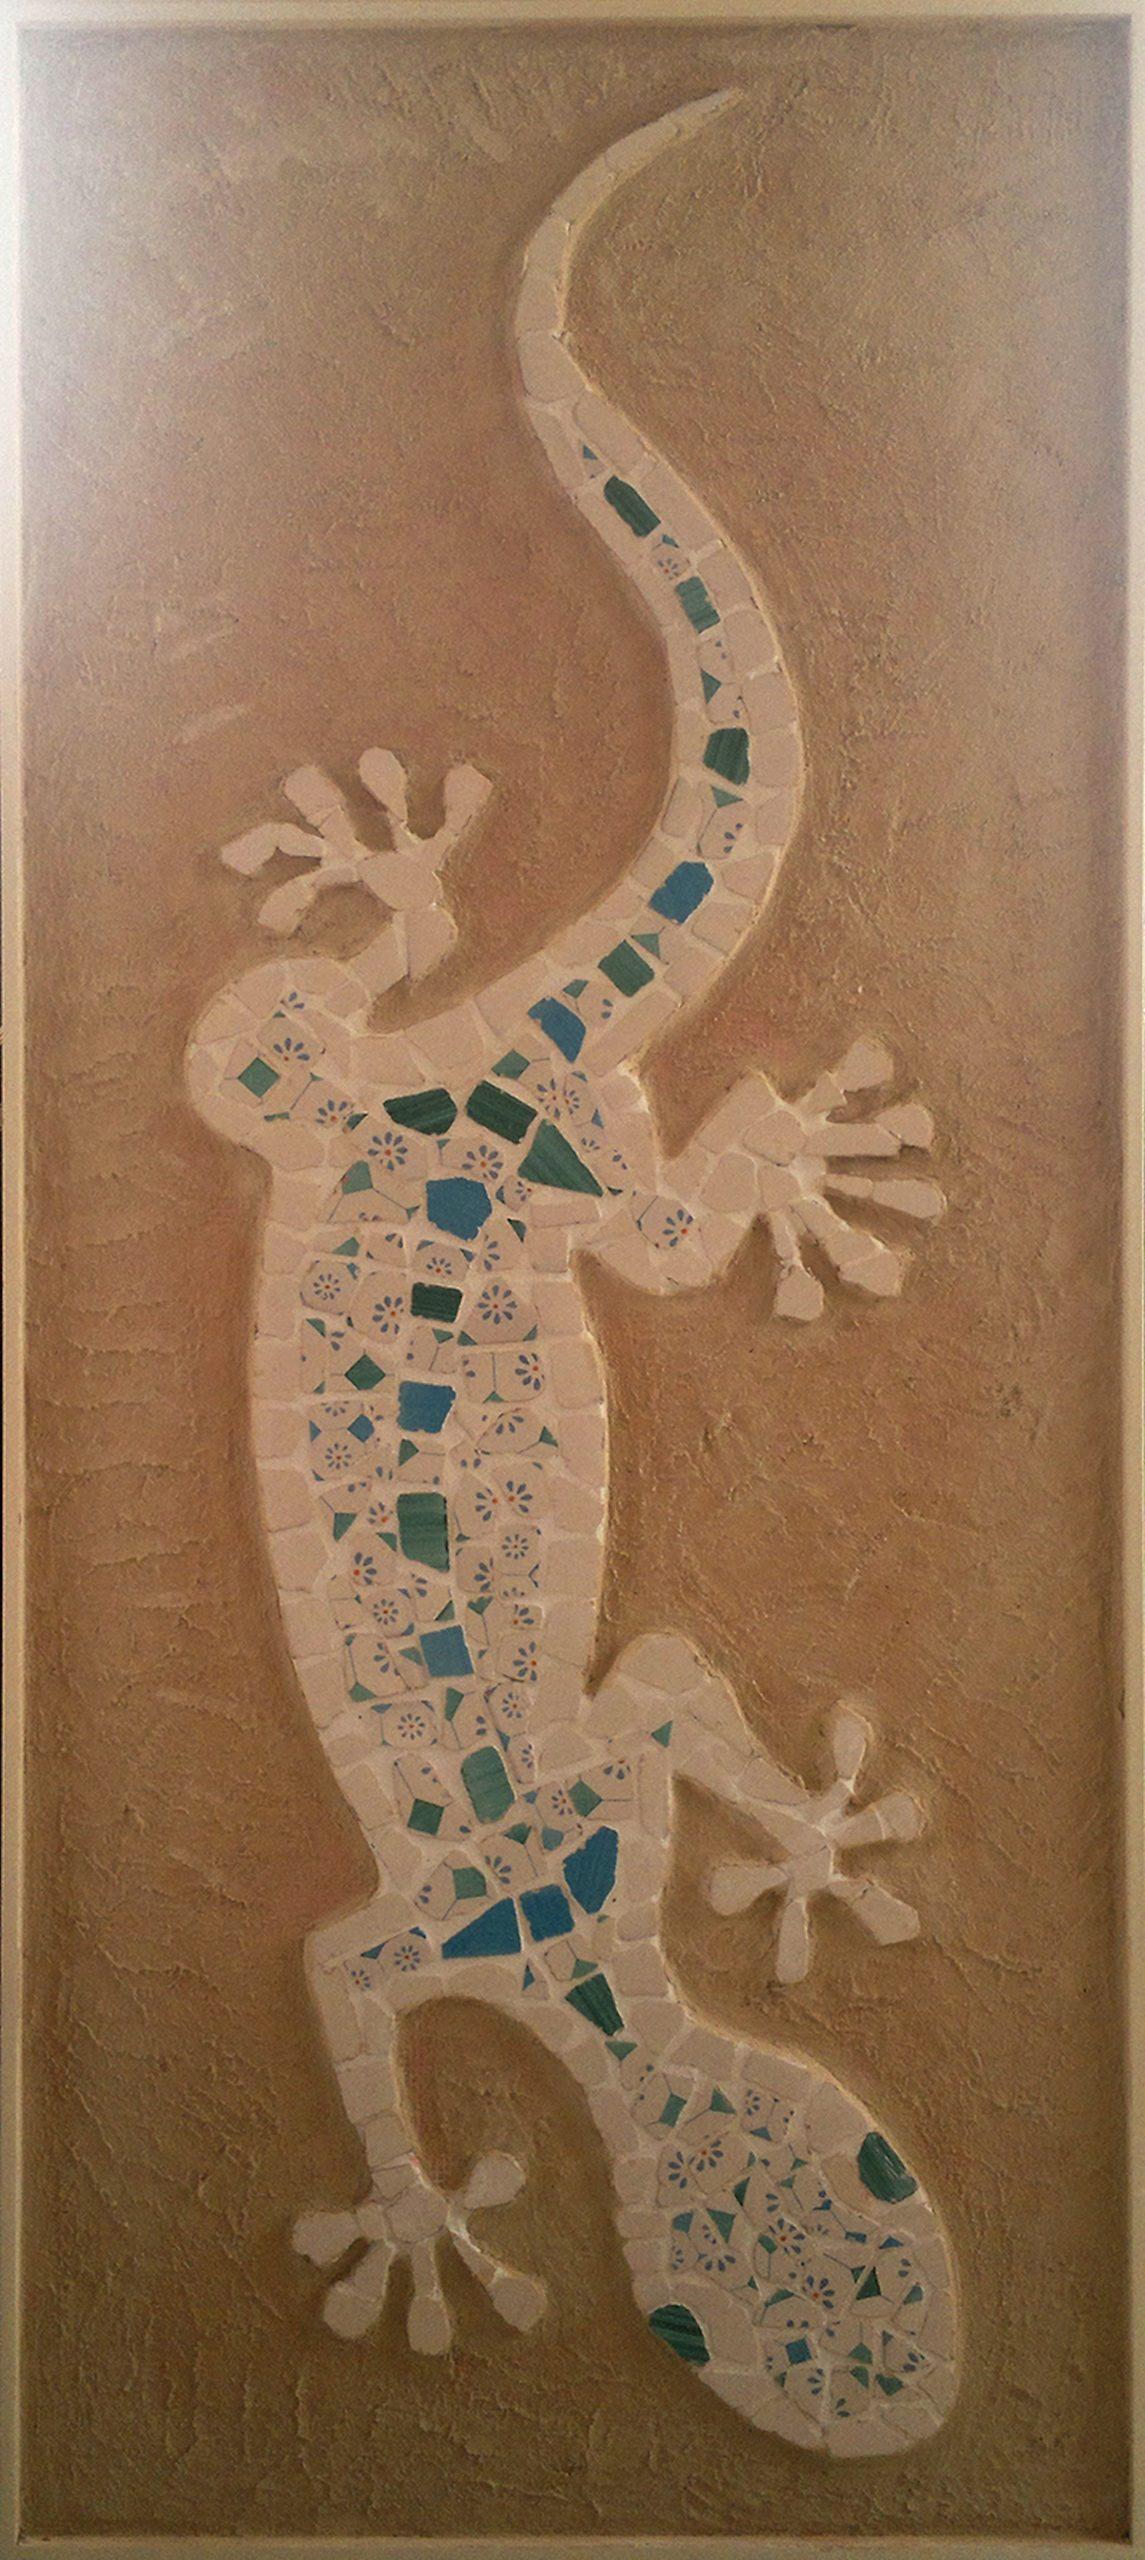 L'arte di Lello Cicalese: bassorilievo di geco in ceramica vietrese